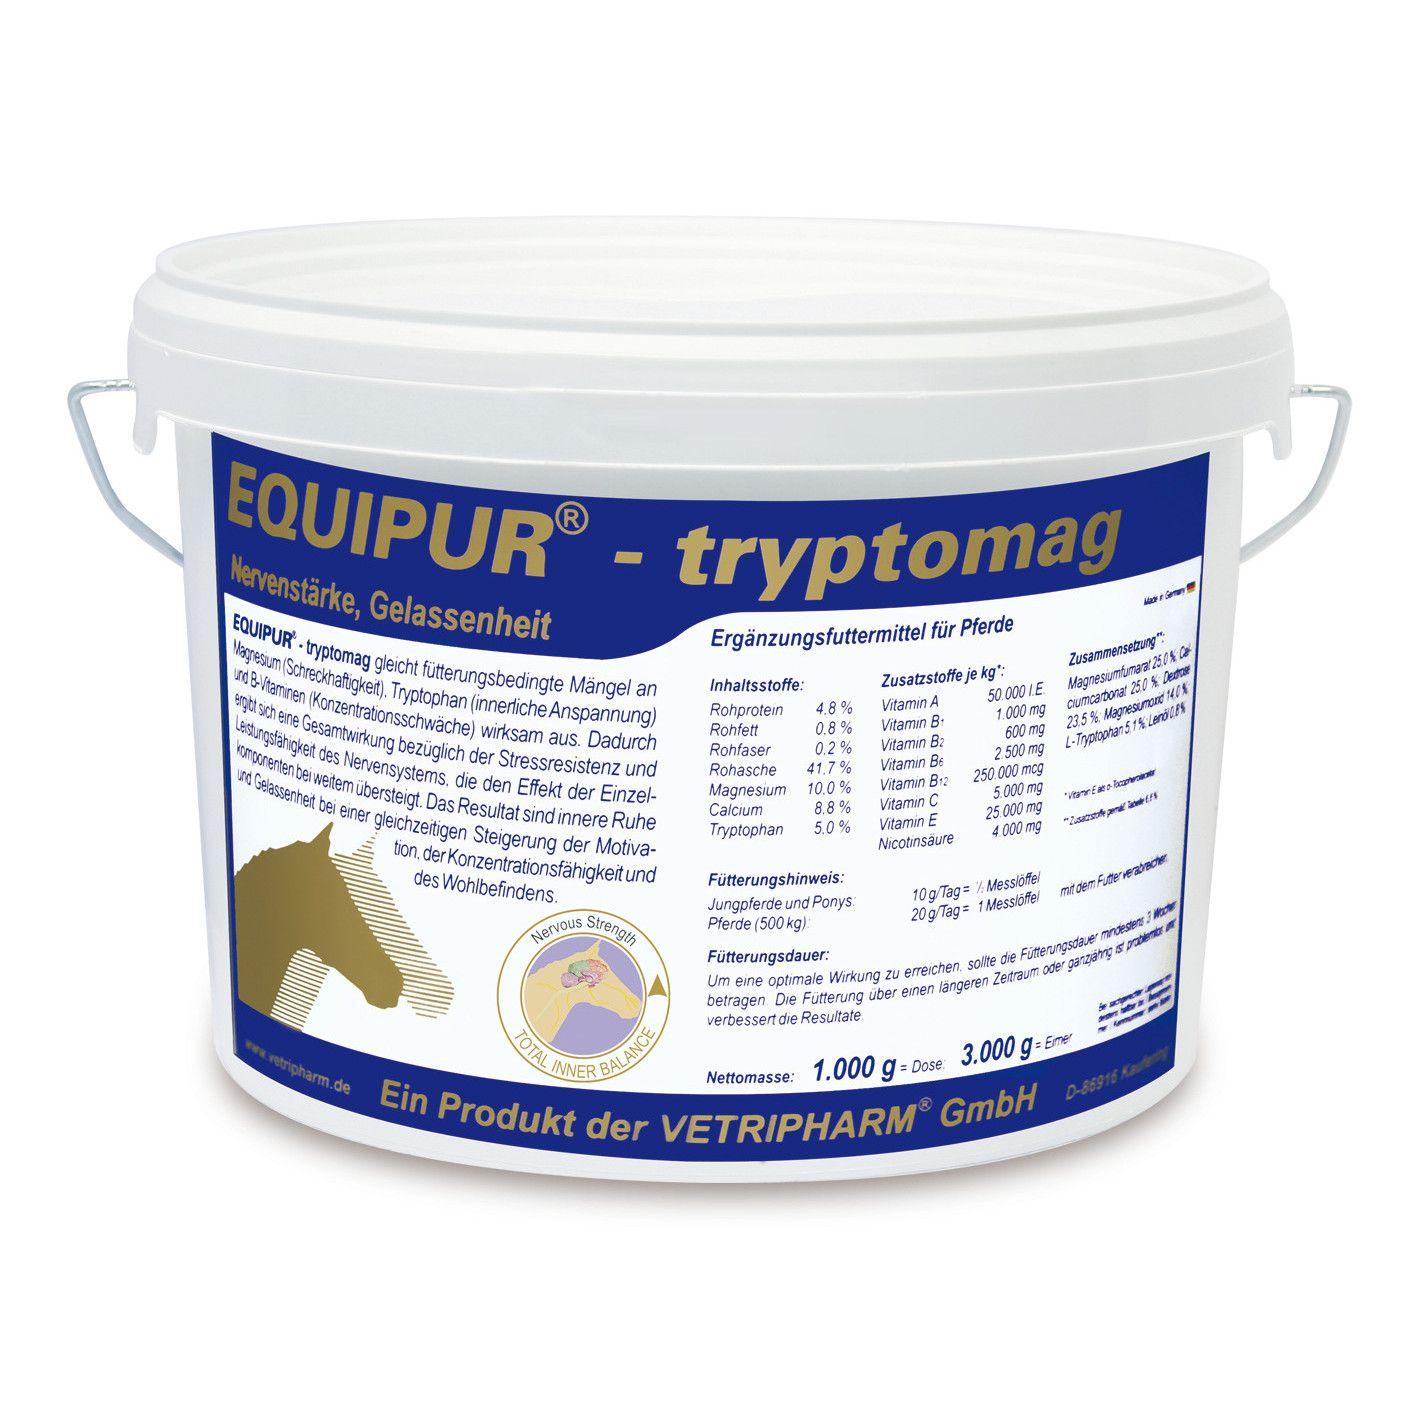 Vetripharm Equipur tryptomag